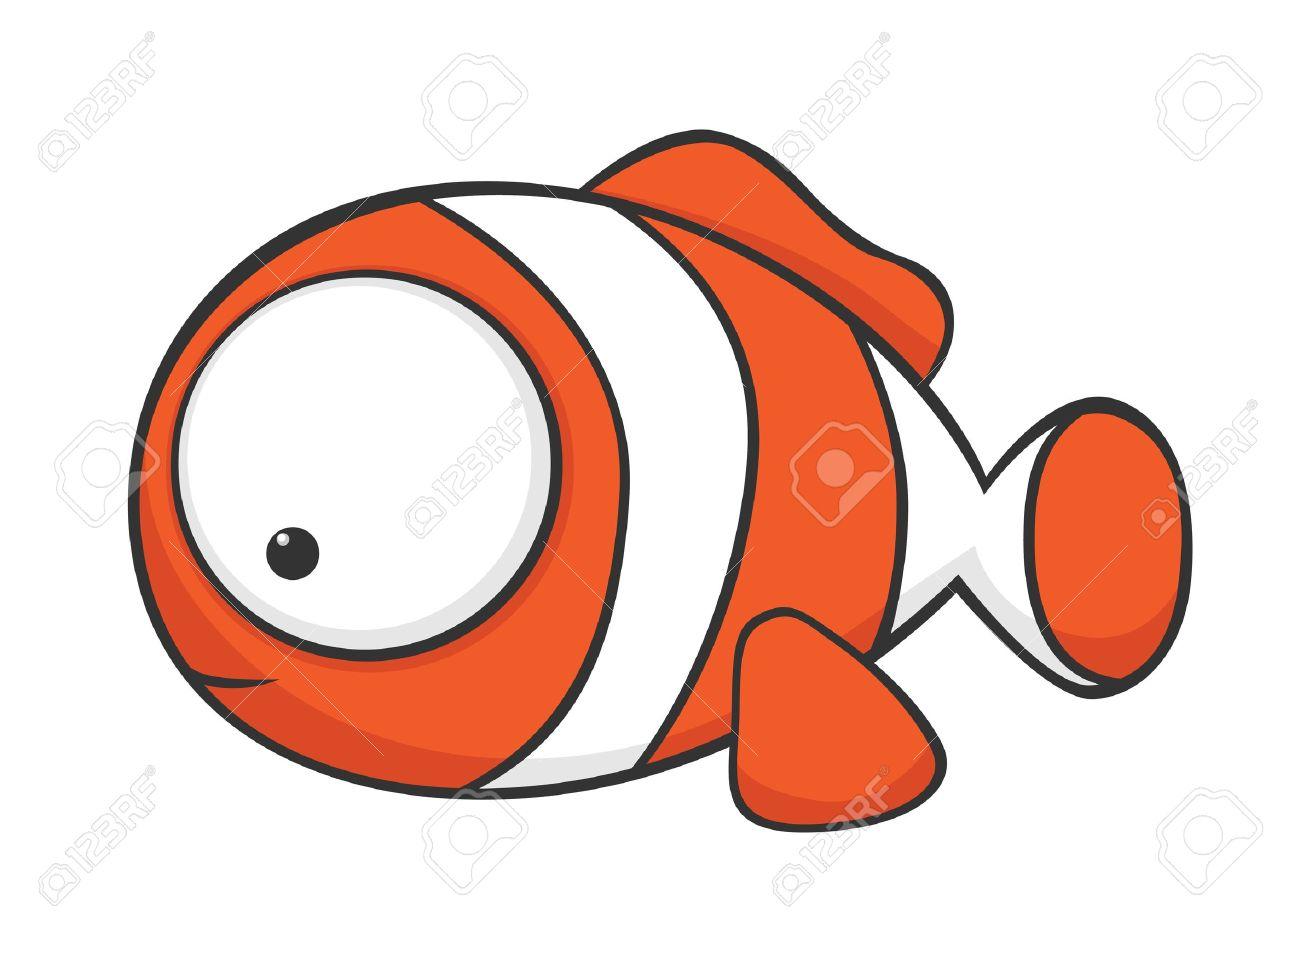 Cute Cartoon Clownfisch Mit Großen Augen Lizenzfrei Nutzbare ...